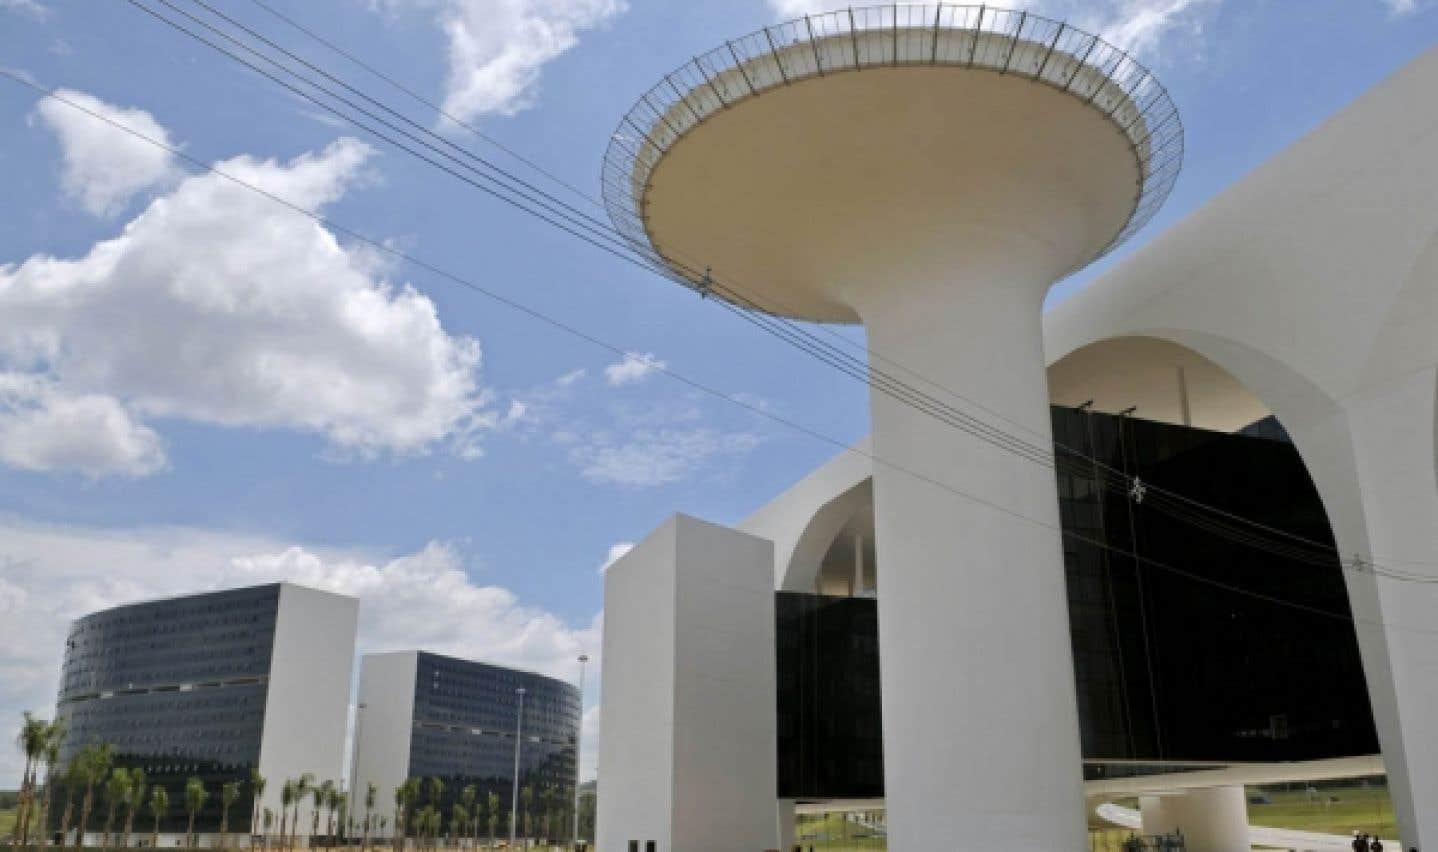 Belo Horizonte, au Brésil: complexe administratif conçu par le grand architecte brésilien Oscar Niemeyer